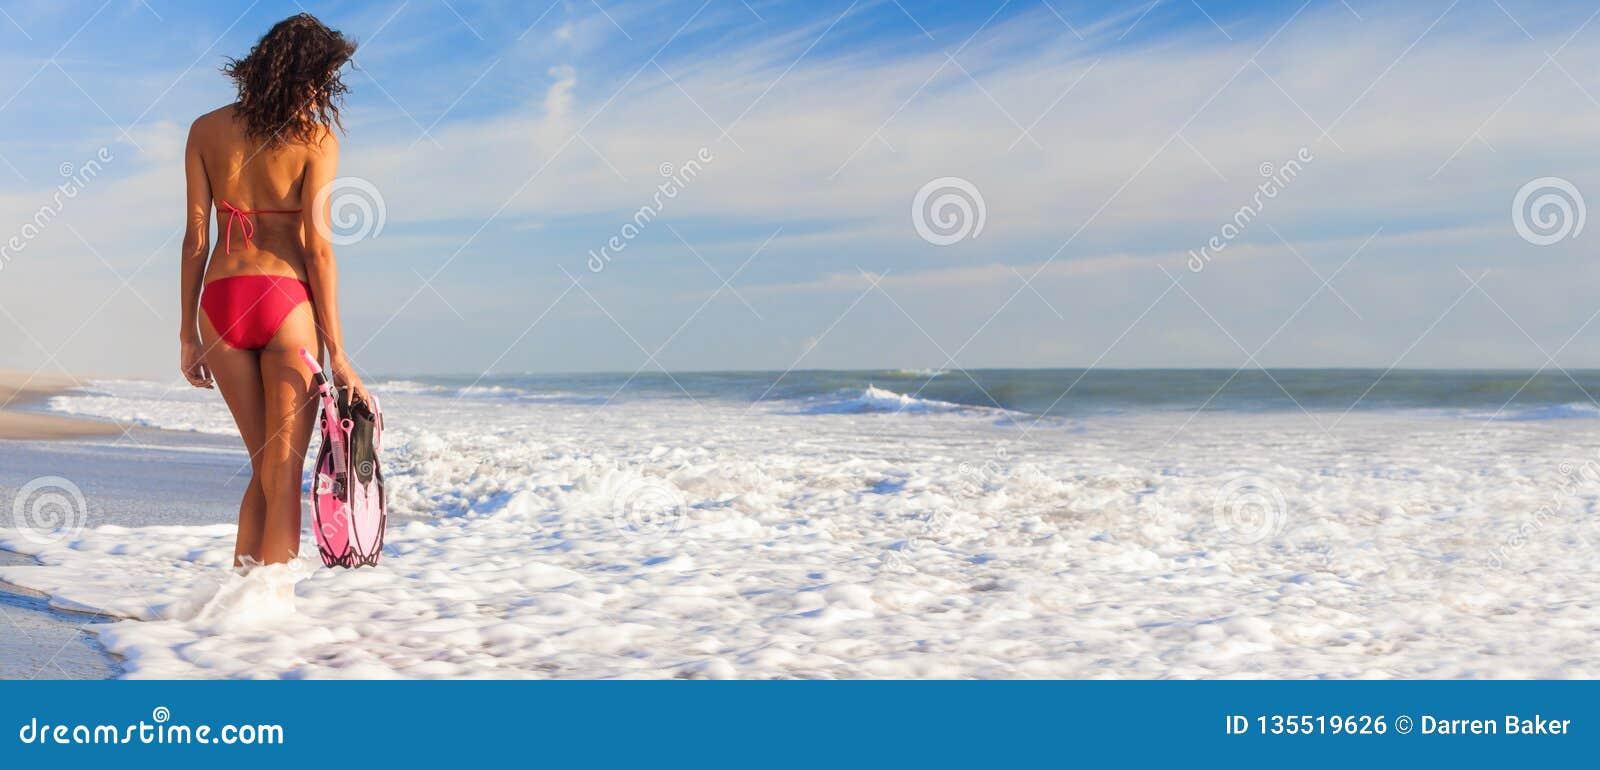 Panoramisches hintere Ansicht-Bikini-Frauen-Mädchen am Strand